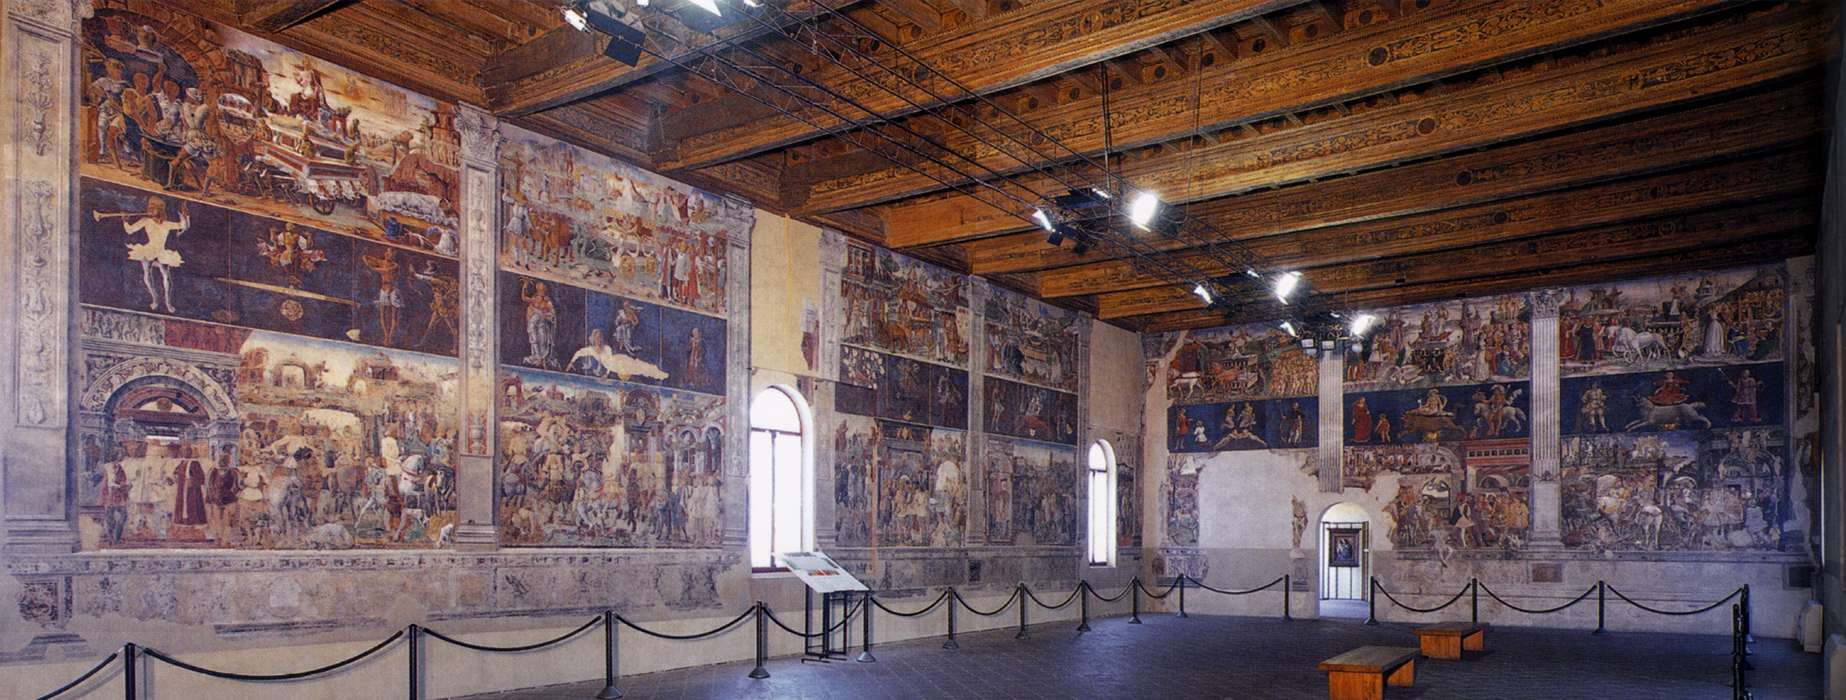 Cosmè Tura - View of the Salone dei Mesi - WGA23124.jpg